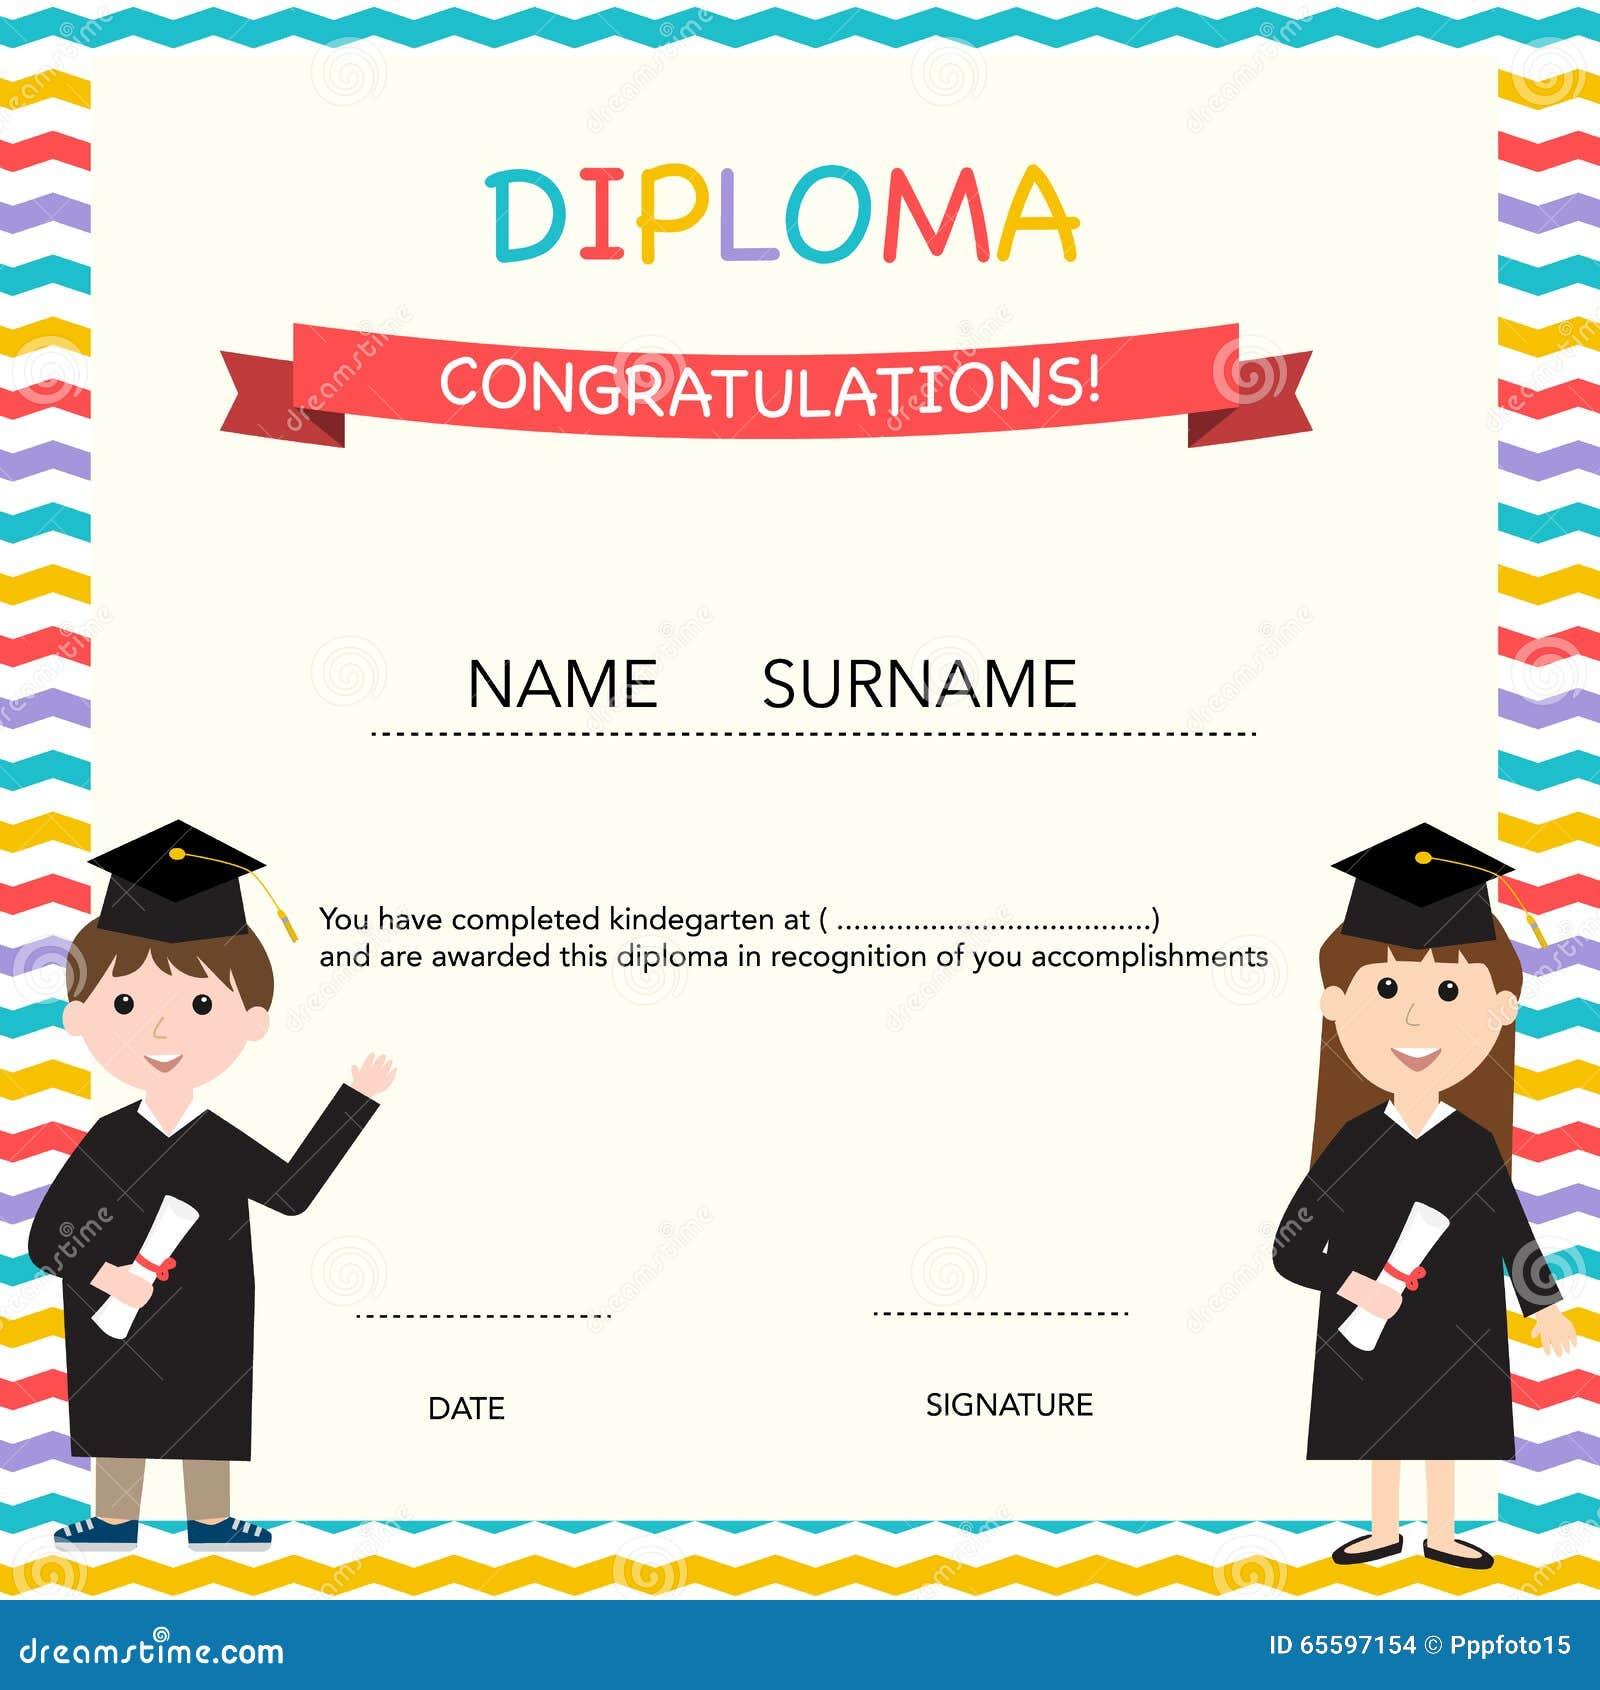 Certificate Of Kids Diploma Preschoolkindergarten